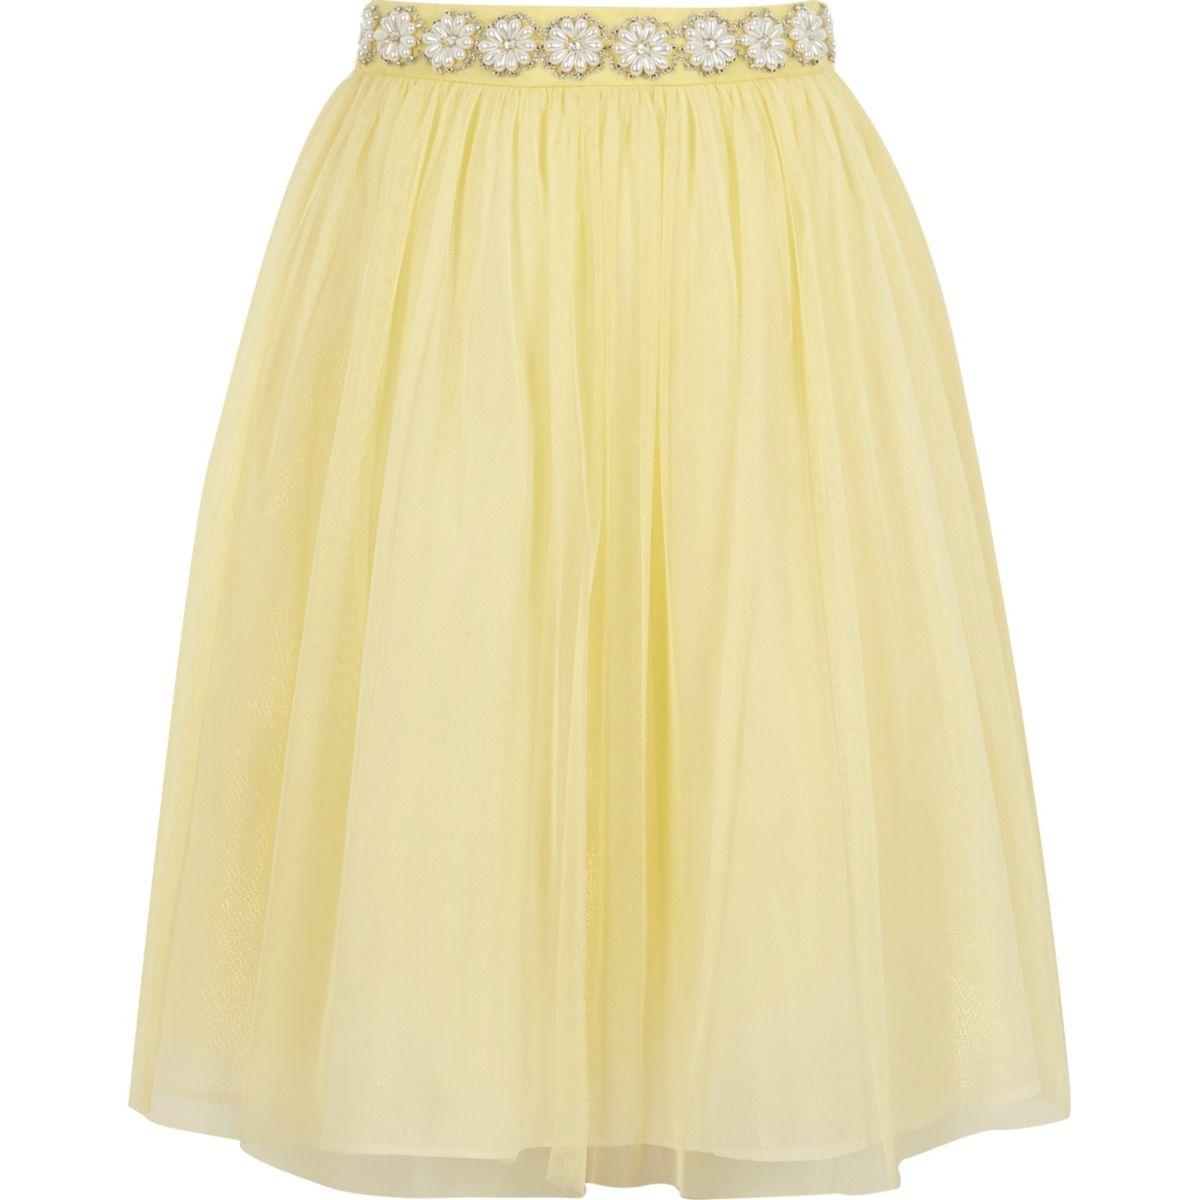 Girls yellow pearl trim mesh ballerina skirt